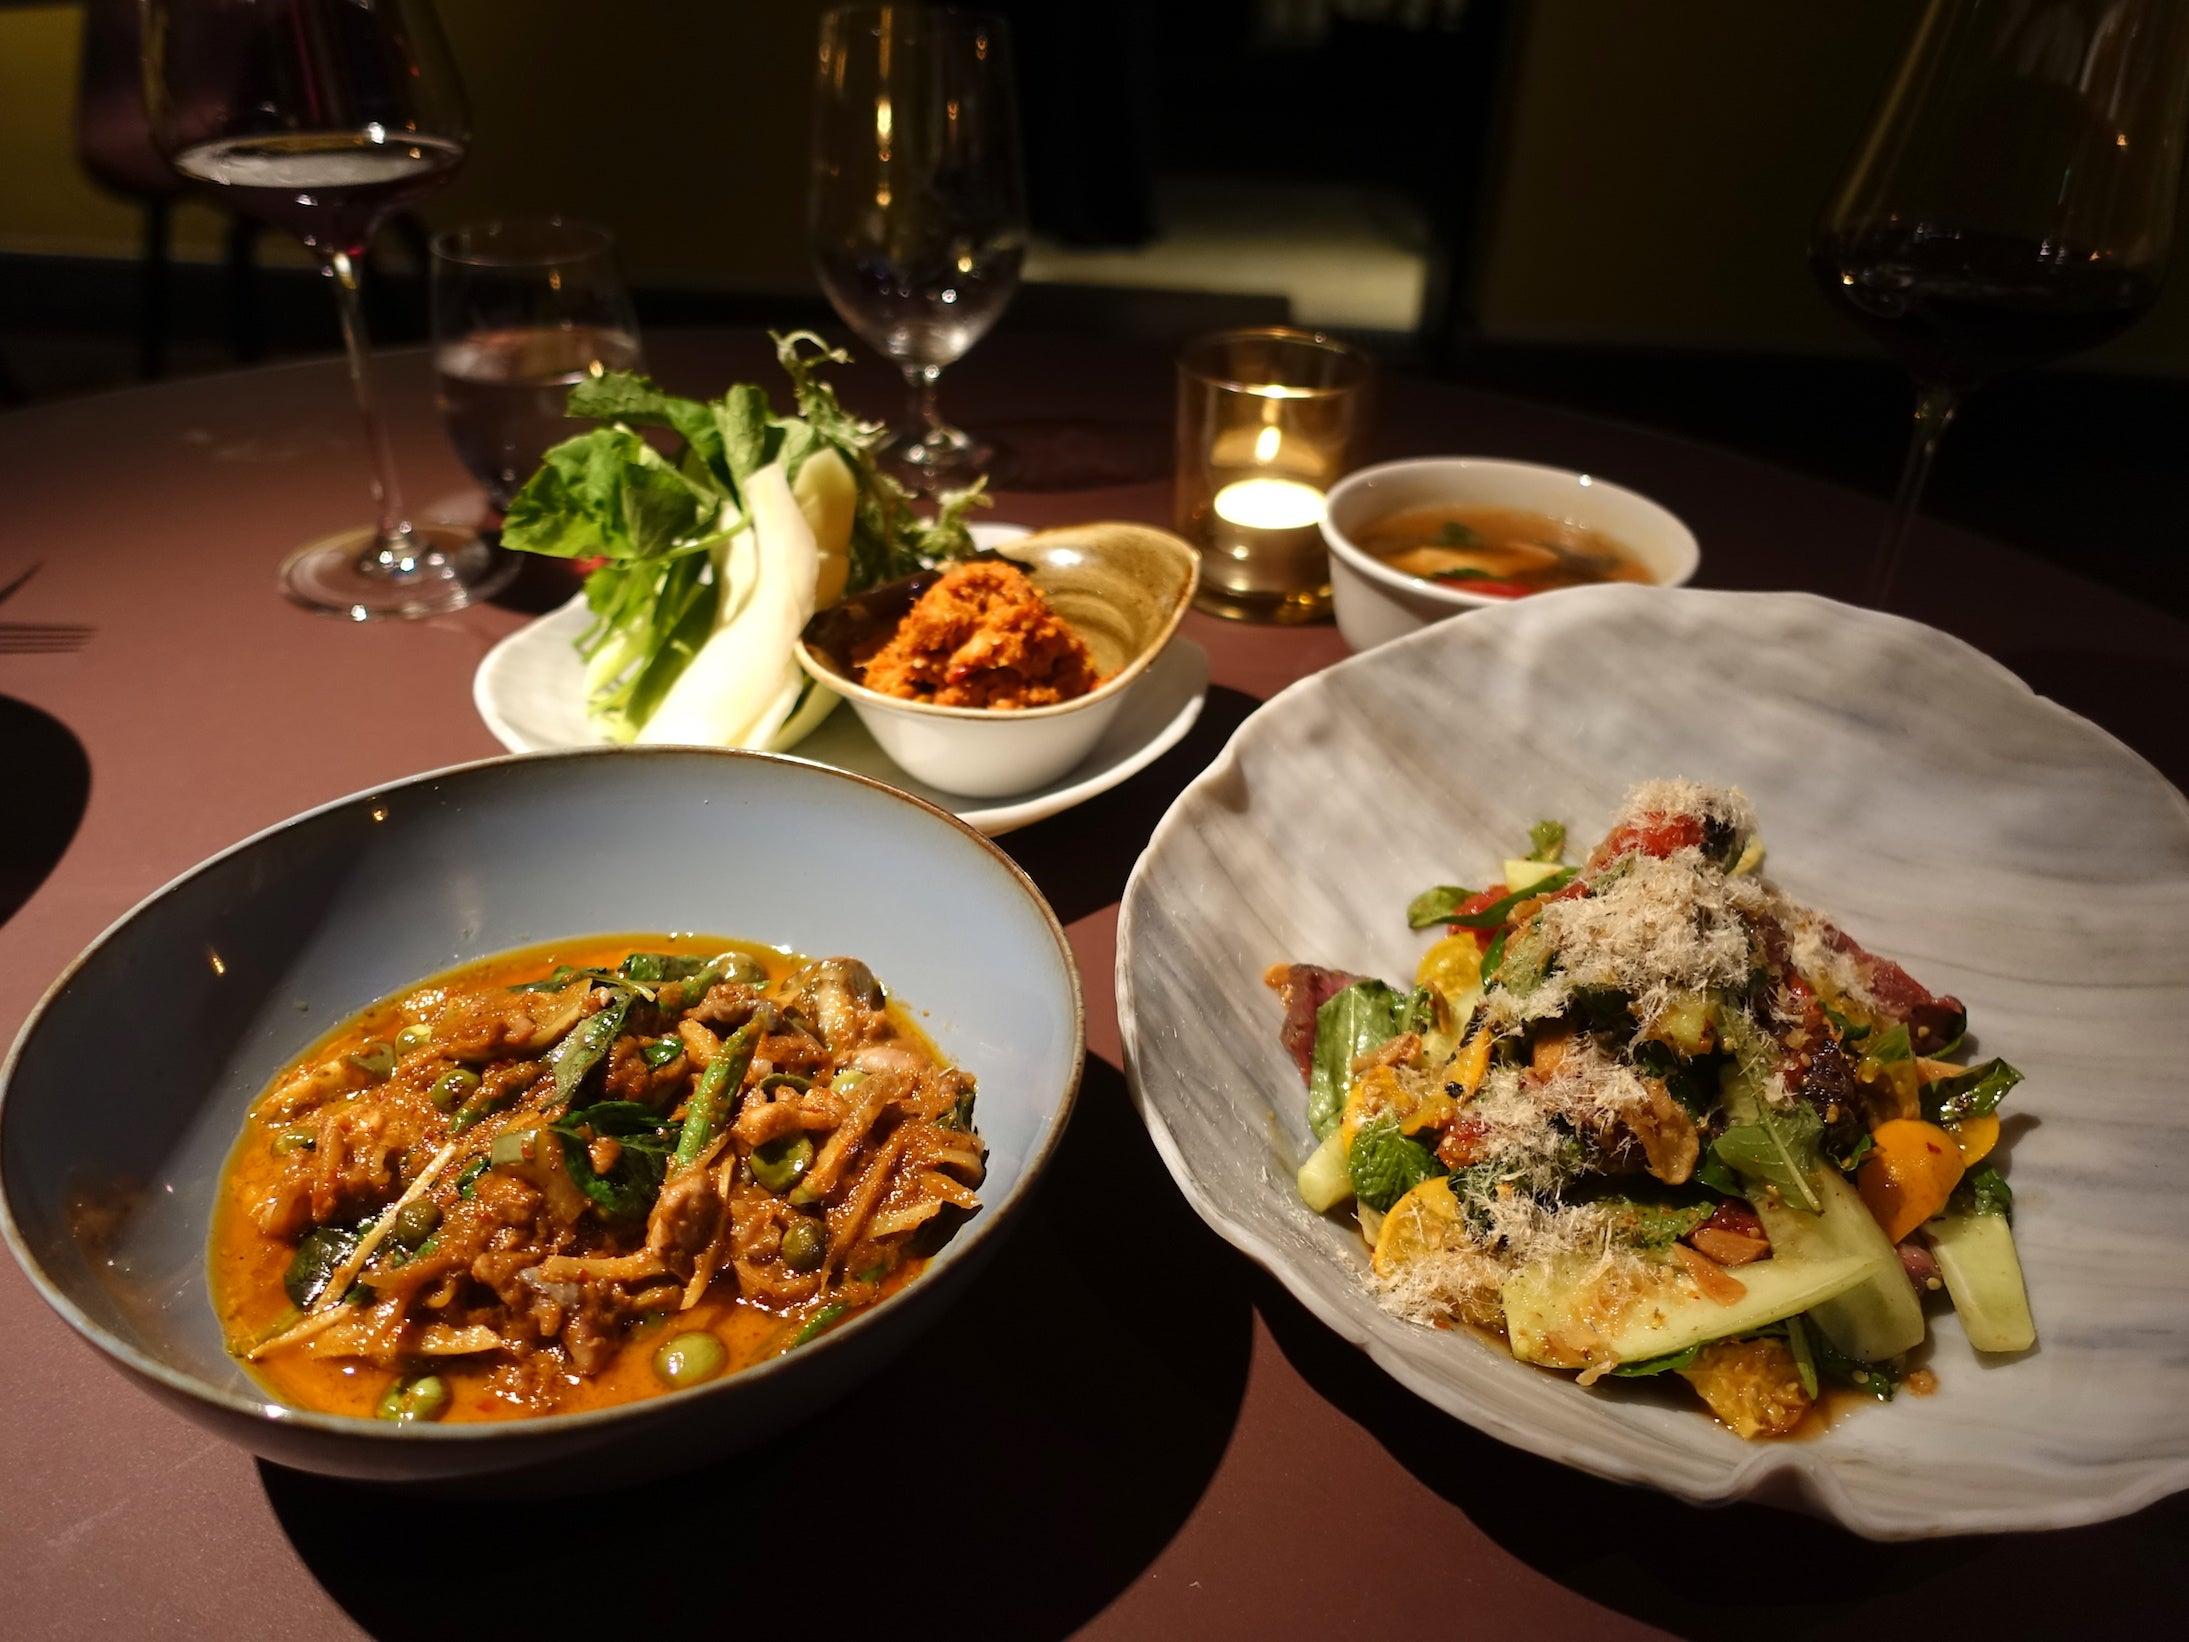 久々のヒット♡超有名シェフのレストランが香港に!洗練されたタイ料理に感動!「Aaharn」 | 香港在住えり ...